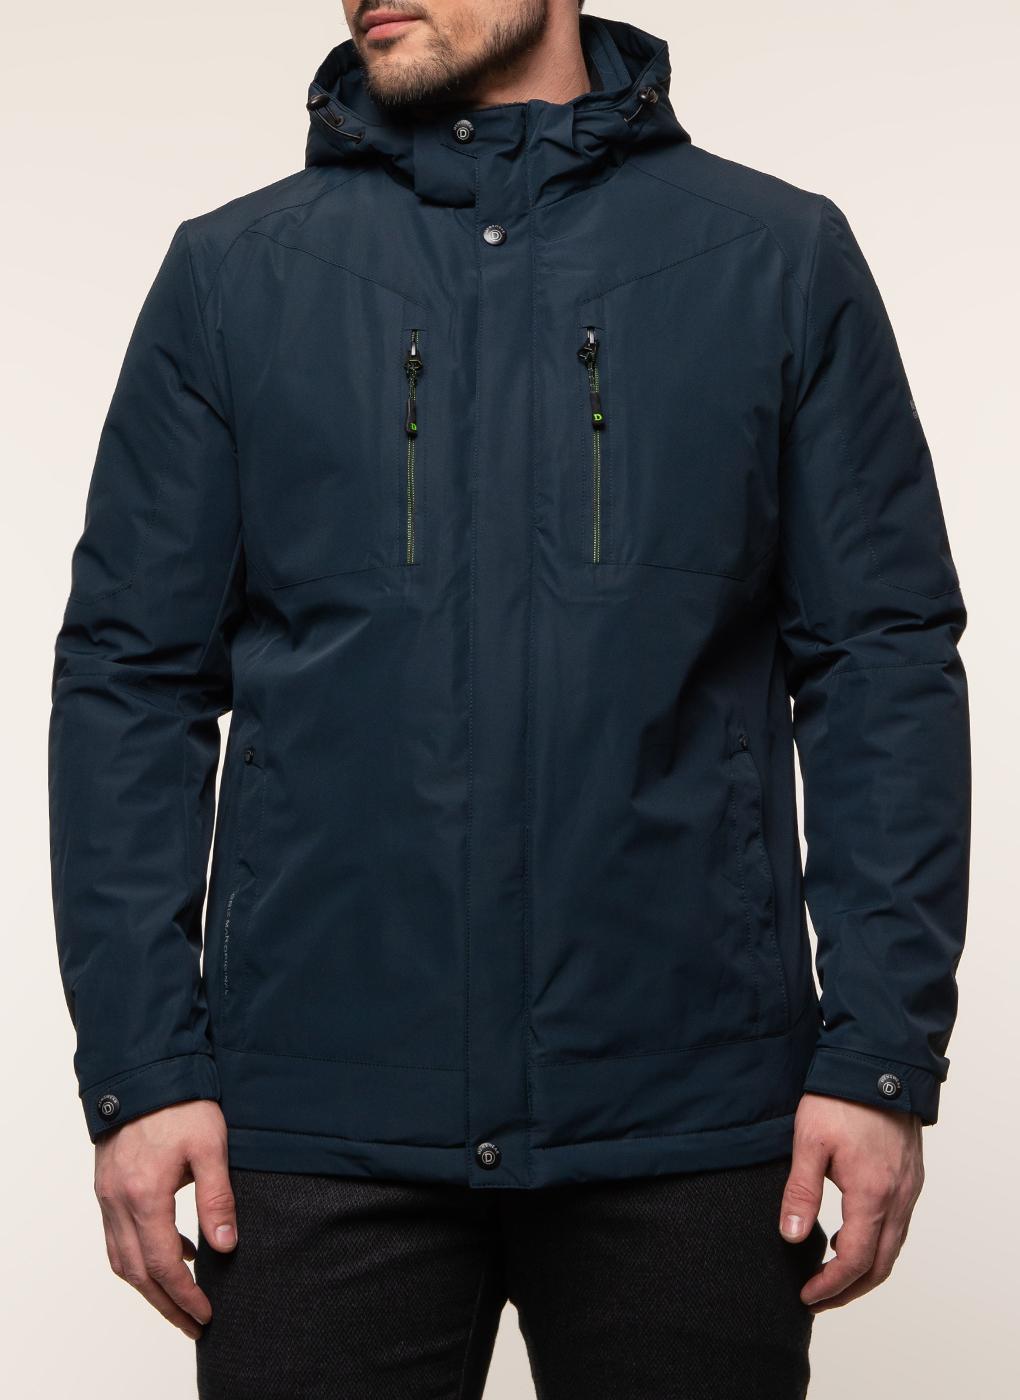 Куртка мужская утепленная 05, Grizman фото